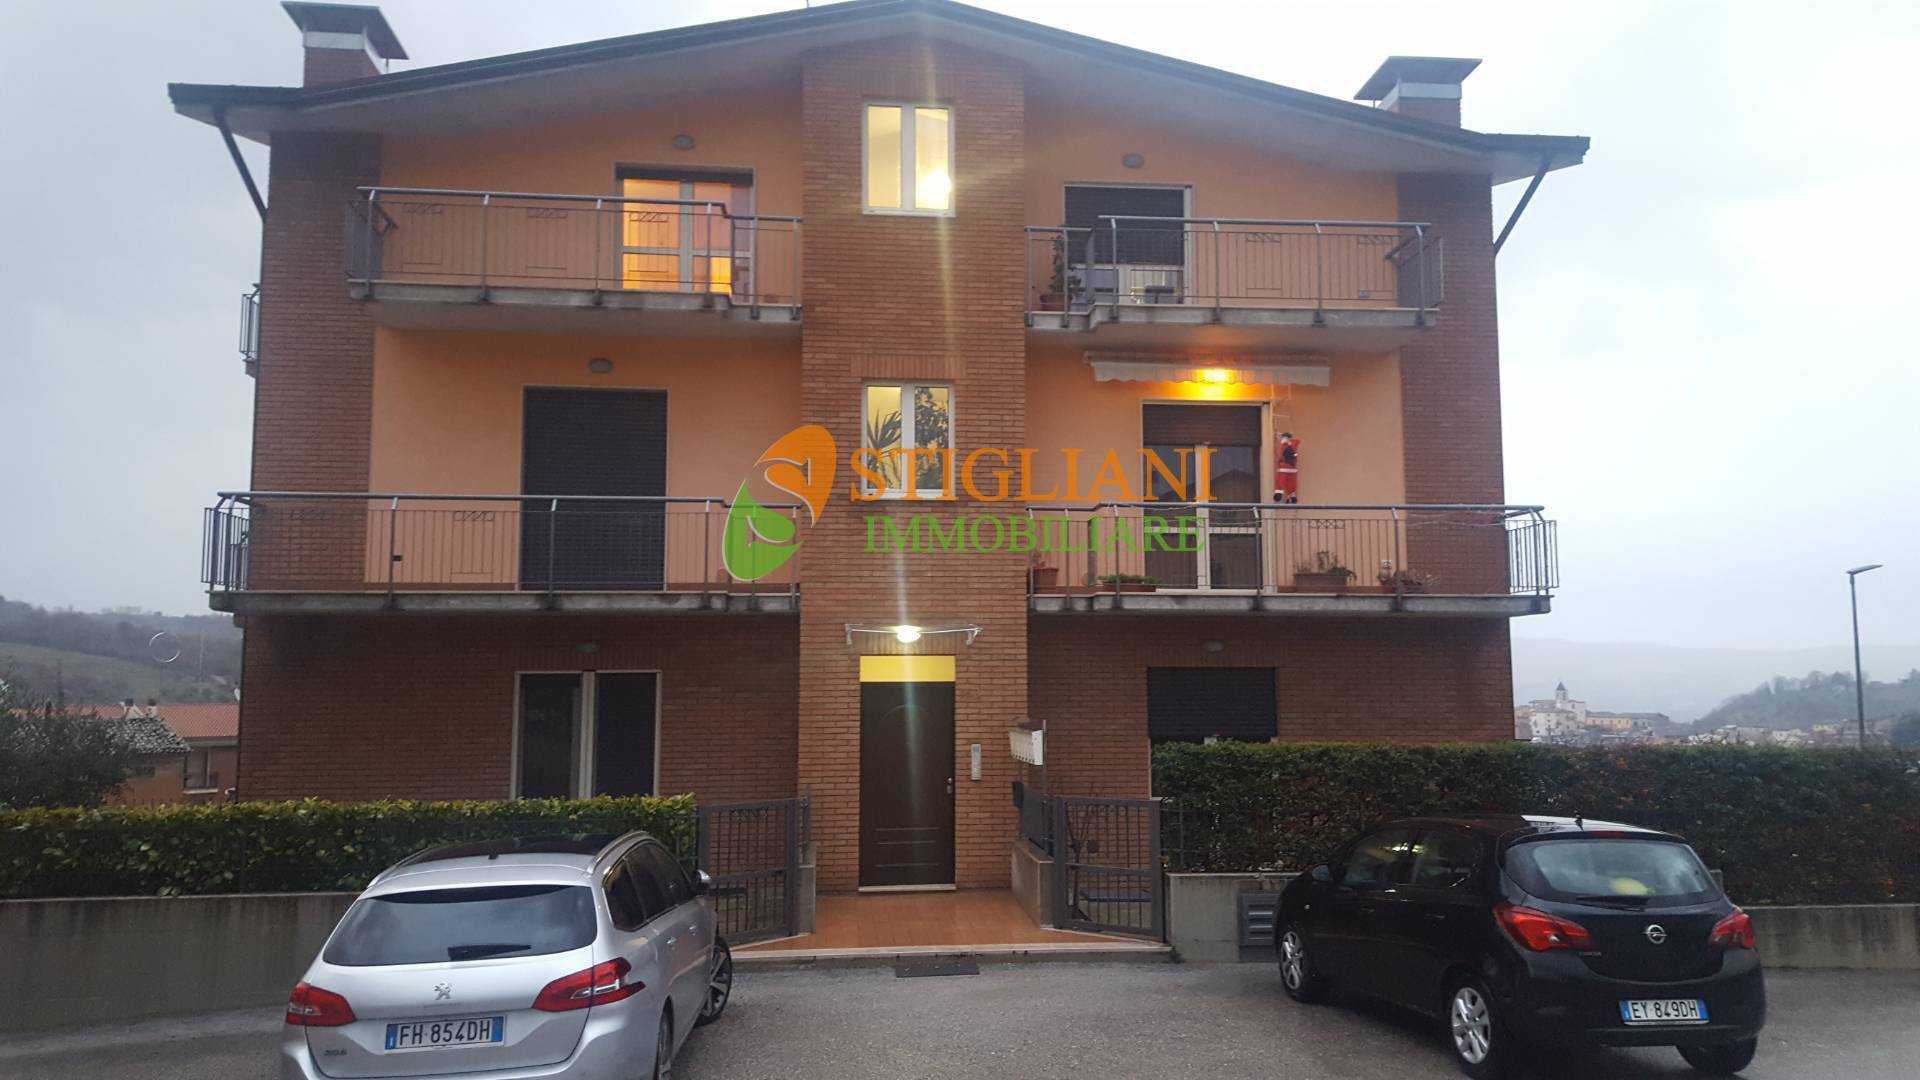 Appartamento in vendita a Mirabello Sannitico, 3 locali, zona Località: ViaRoma, prezzo € 90.000 | CambioCasa.it